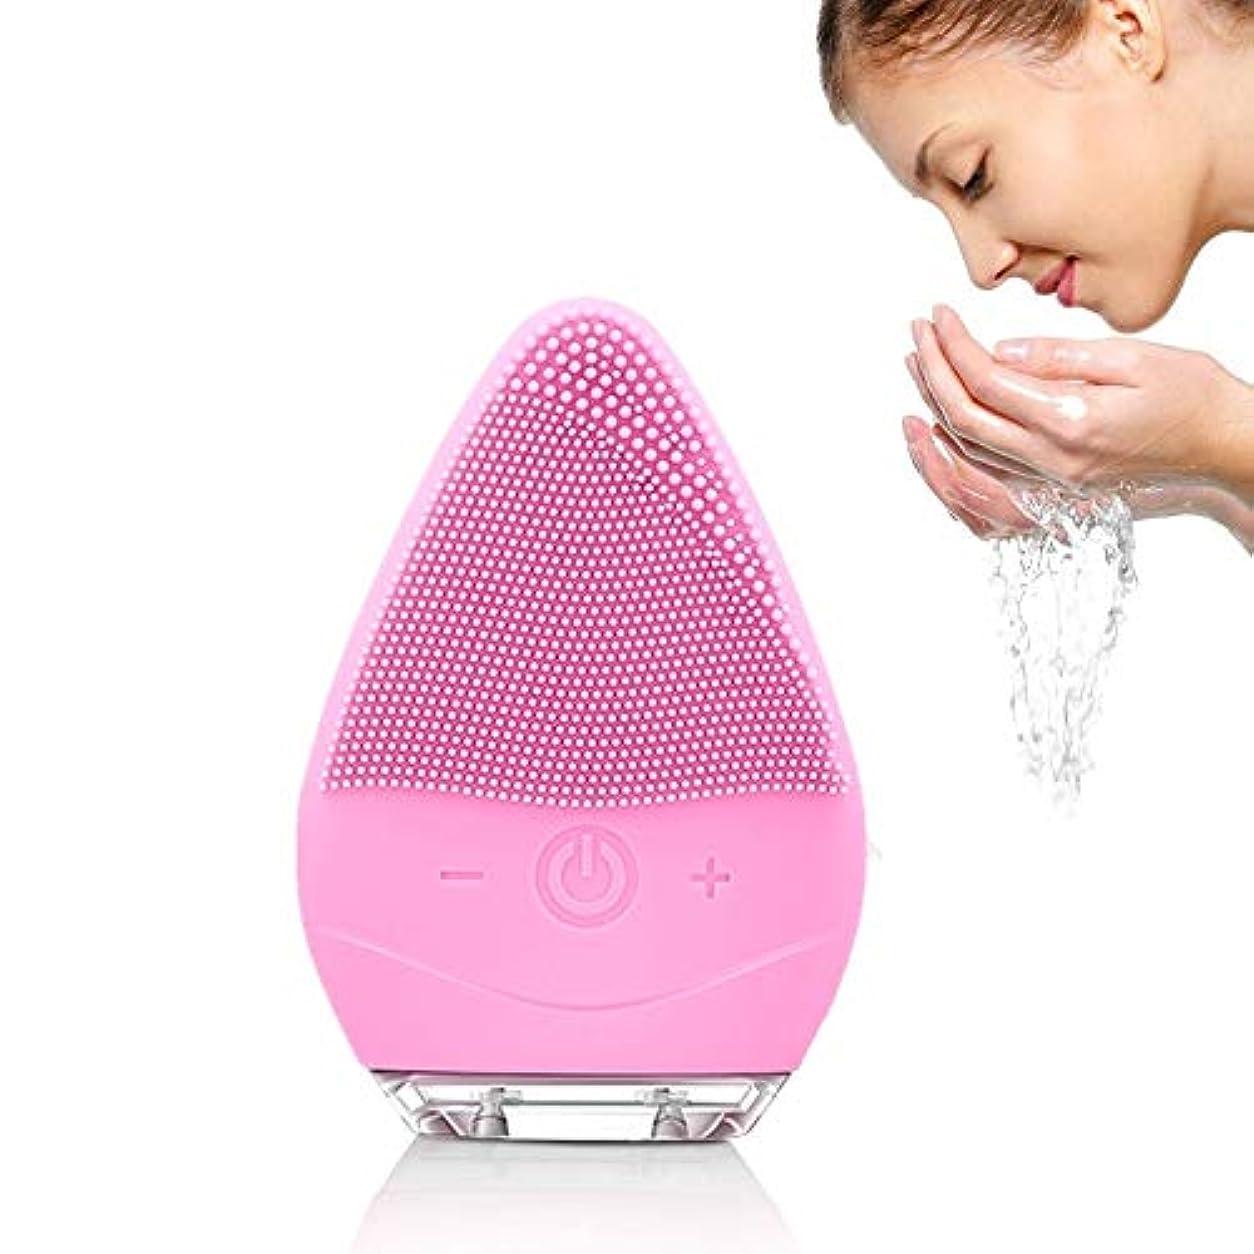 乱気流シーンフェイスクレンジングブラシ防水シリコンフェイシャルブラシエレクトリックフェイスVībratingマッサージャーデバイスfor Skin Clean for Level 6防水